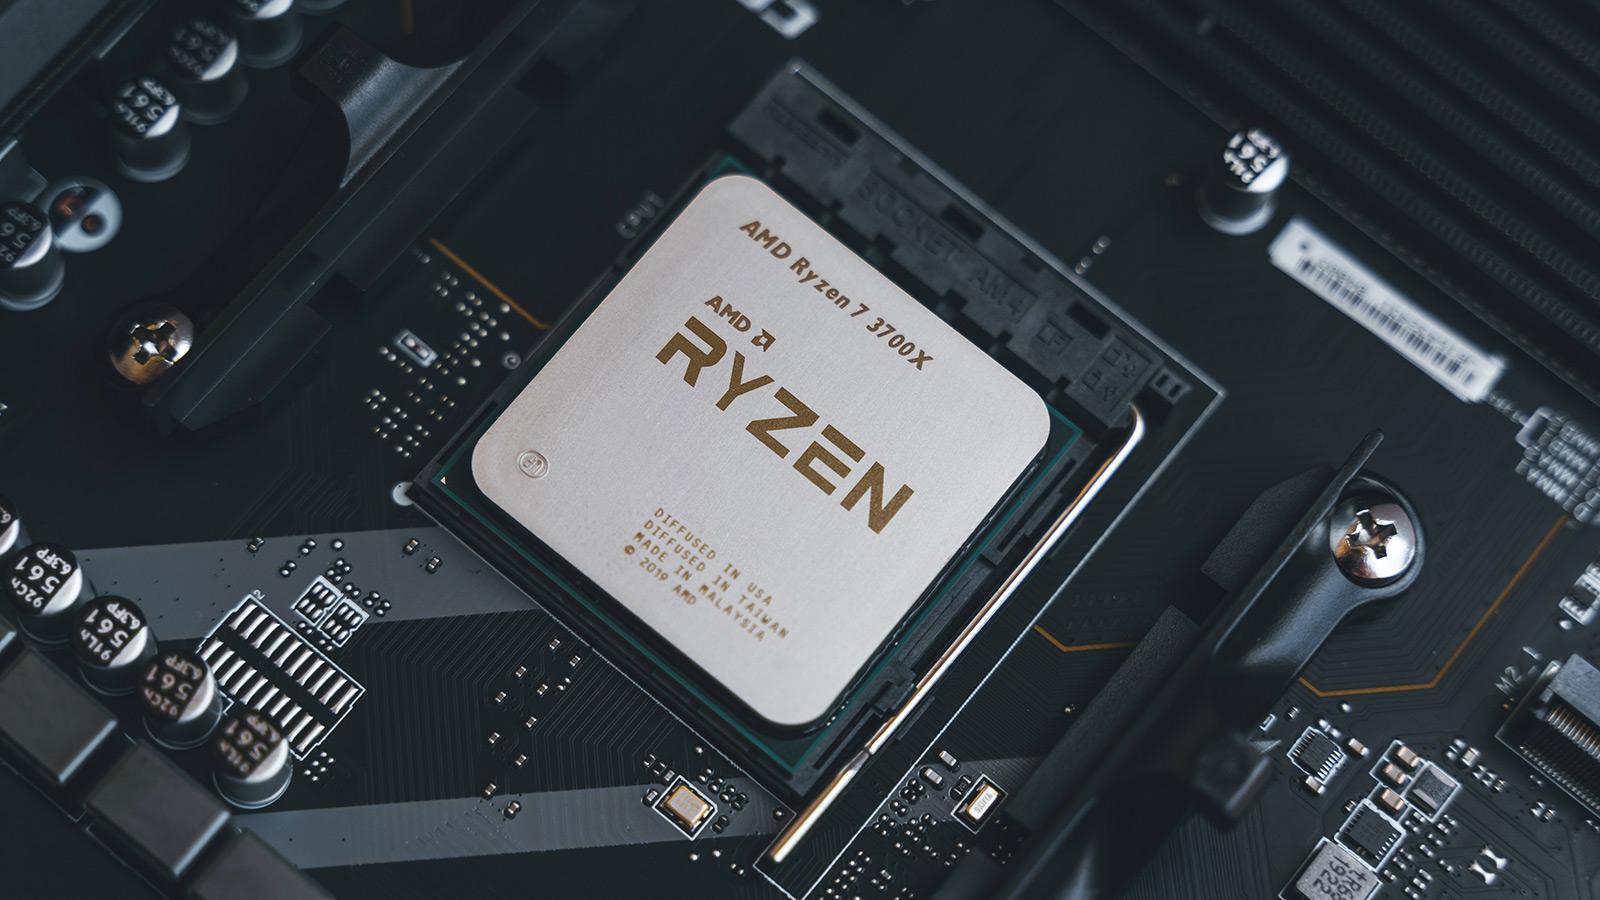 AMDk CPUko merkatuaren kuota eskuratu zuen 2019ko laugarren hiruhilekoan